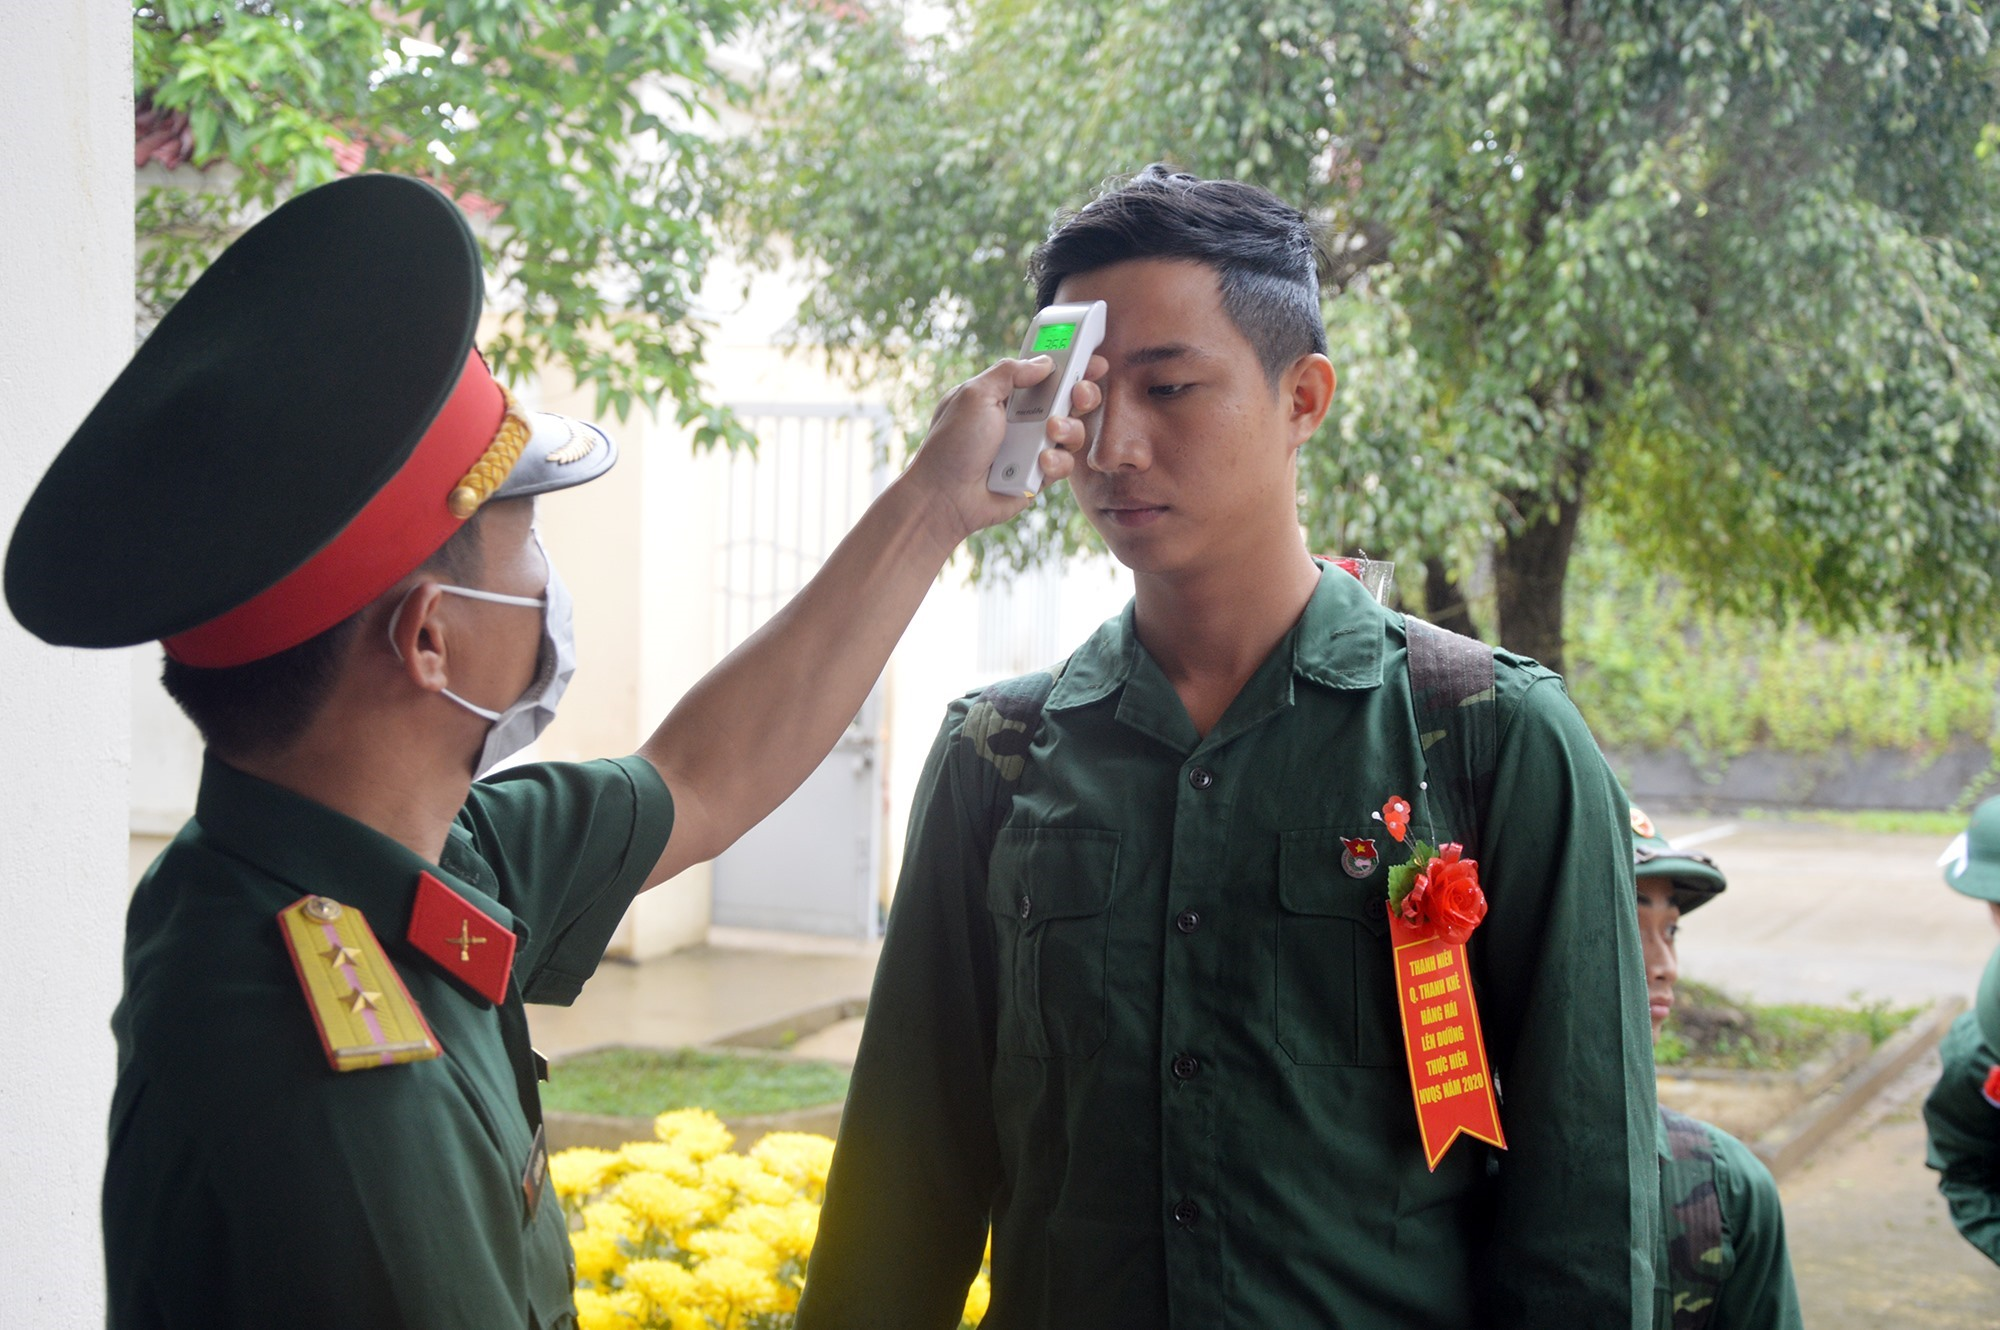 Thực hiện các biện pháp phòng, chống dịch nCoV đối với chiến sĩ mới.